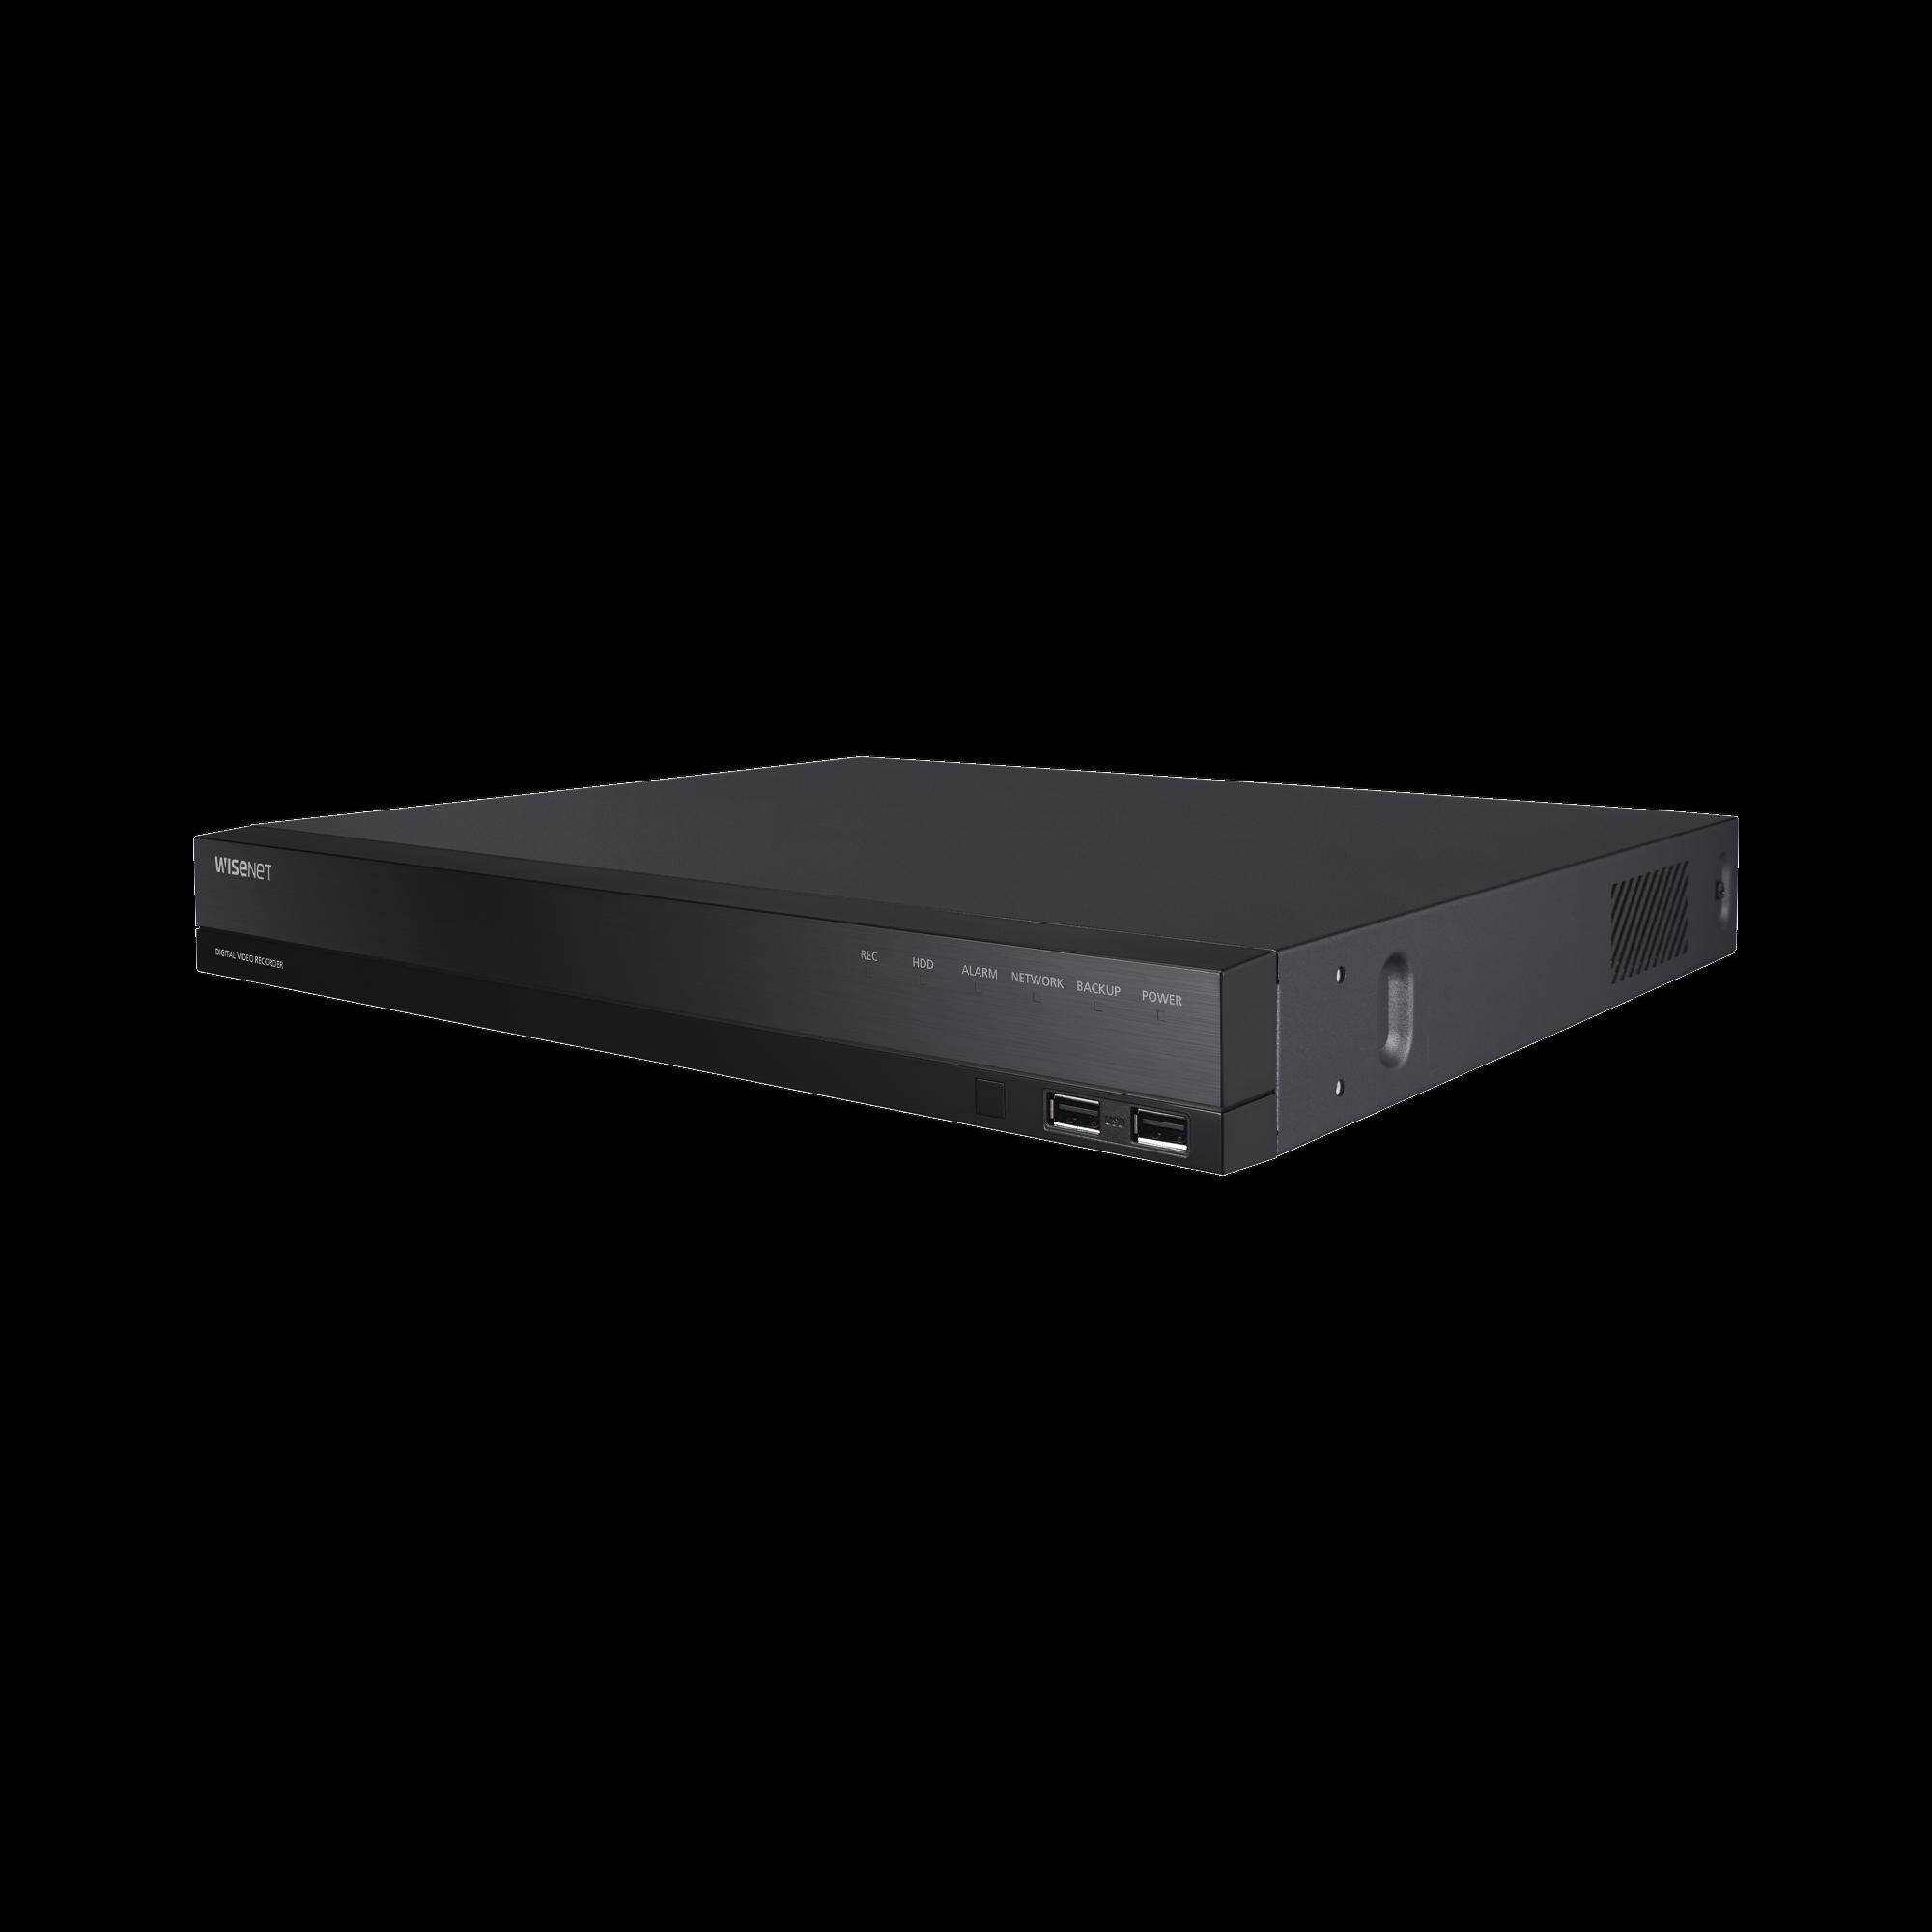 DVR 4 Canales Analógicos + 2 IP / Grabación hasta 8 MP / Soporta 4 Tecnologías (AHD, TVI, CVI, CVBS) / Entradas y Salidas de Alarma y Audio